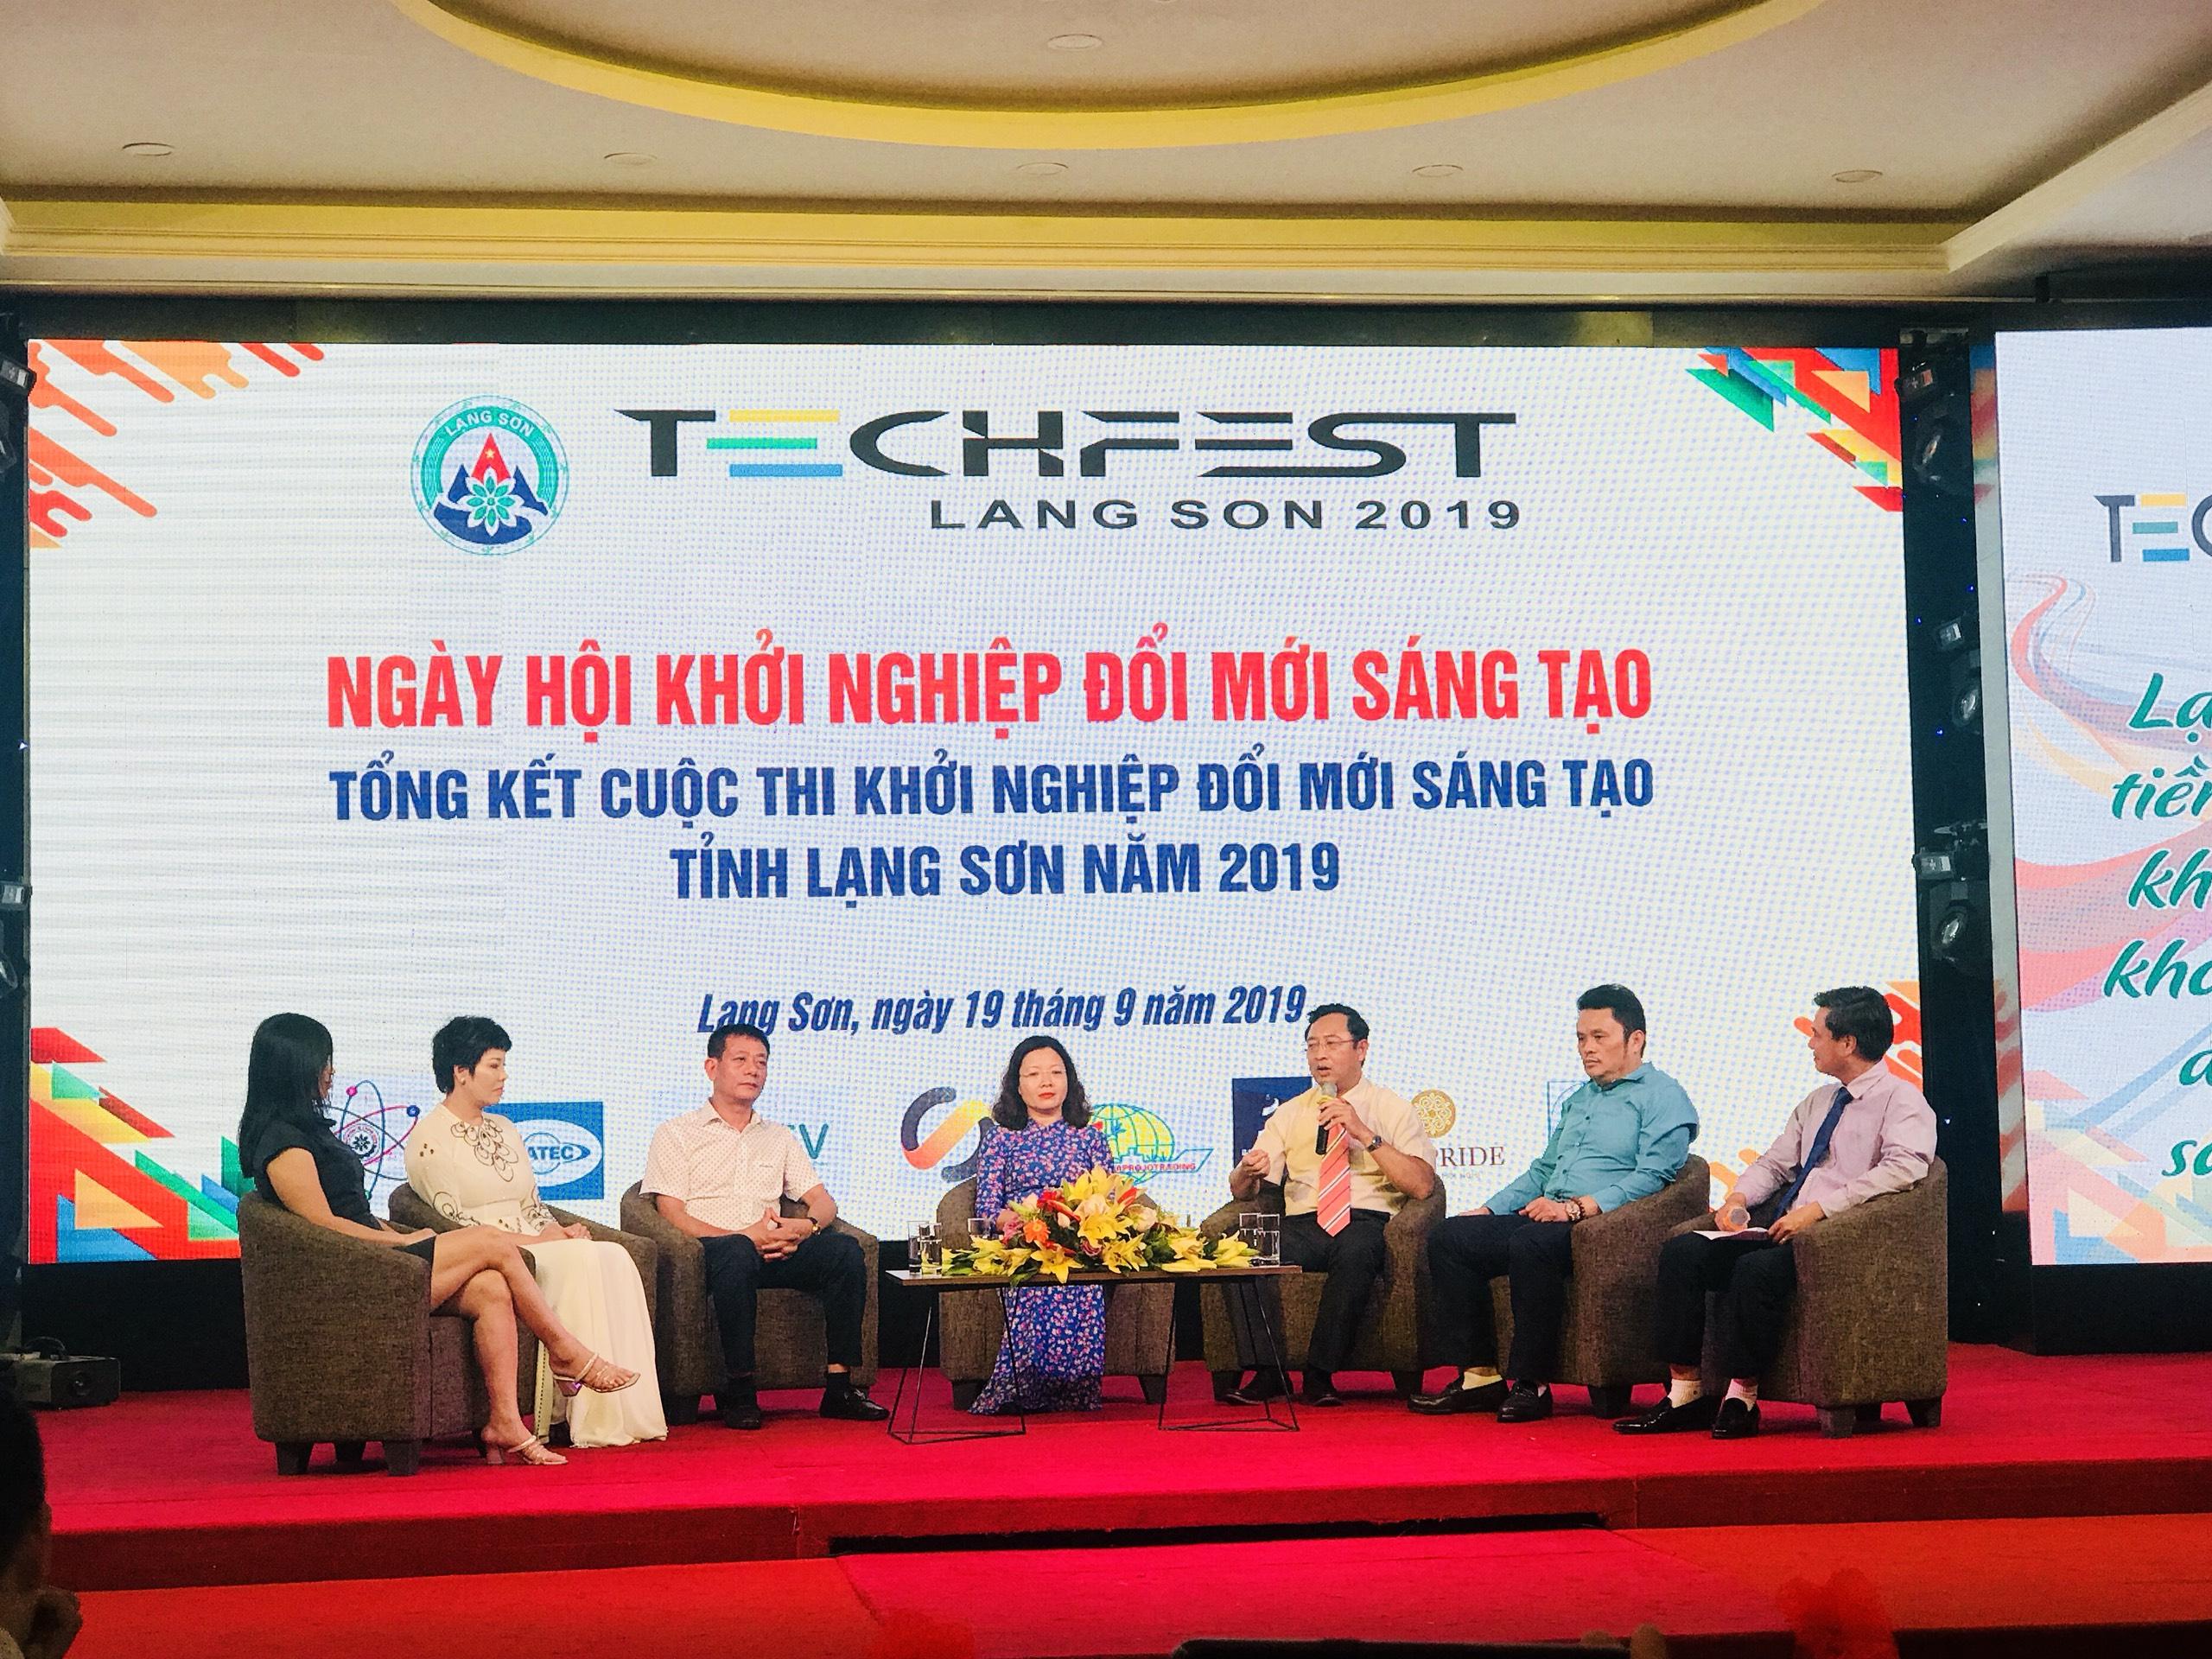 Đại diện Bộ Khoa học và Công nghệ và đại diện tỉnh Lạng Sơn trong Techfest Lạng Sơn 2019   Ảnh: BTC